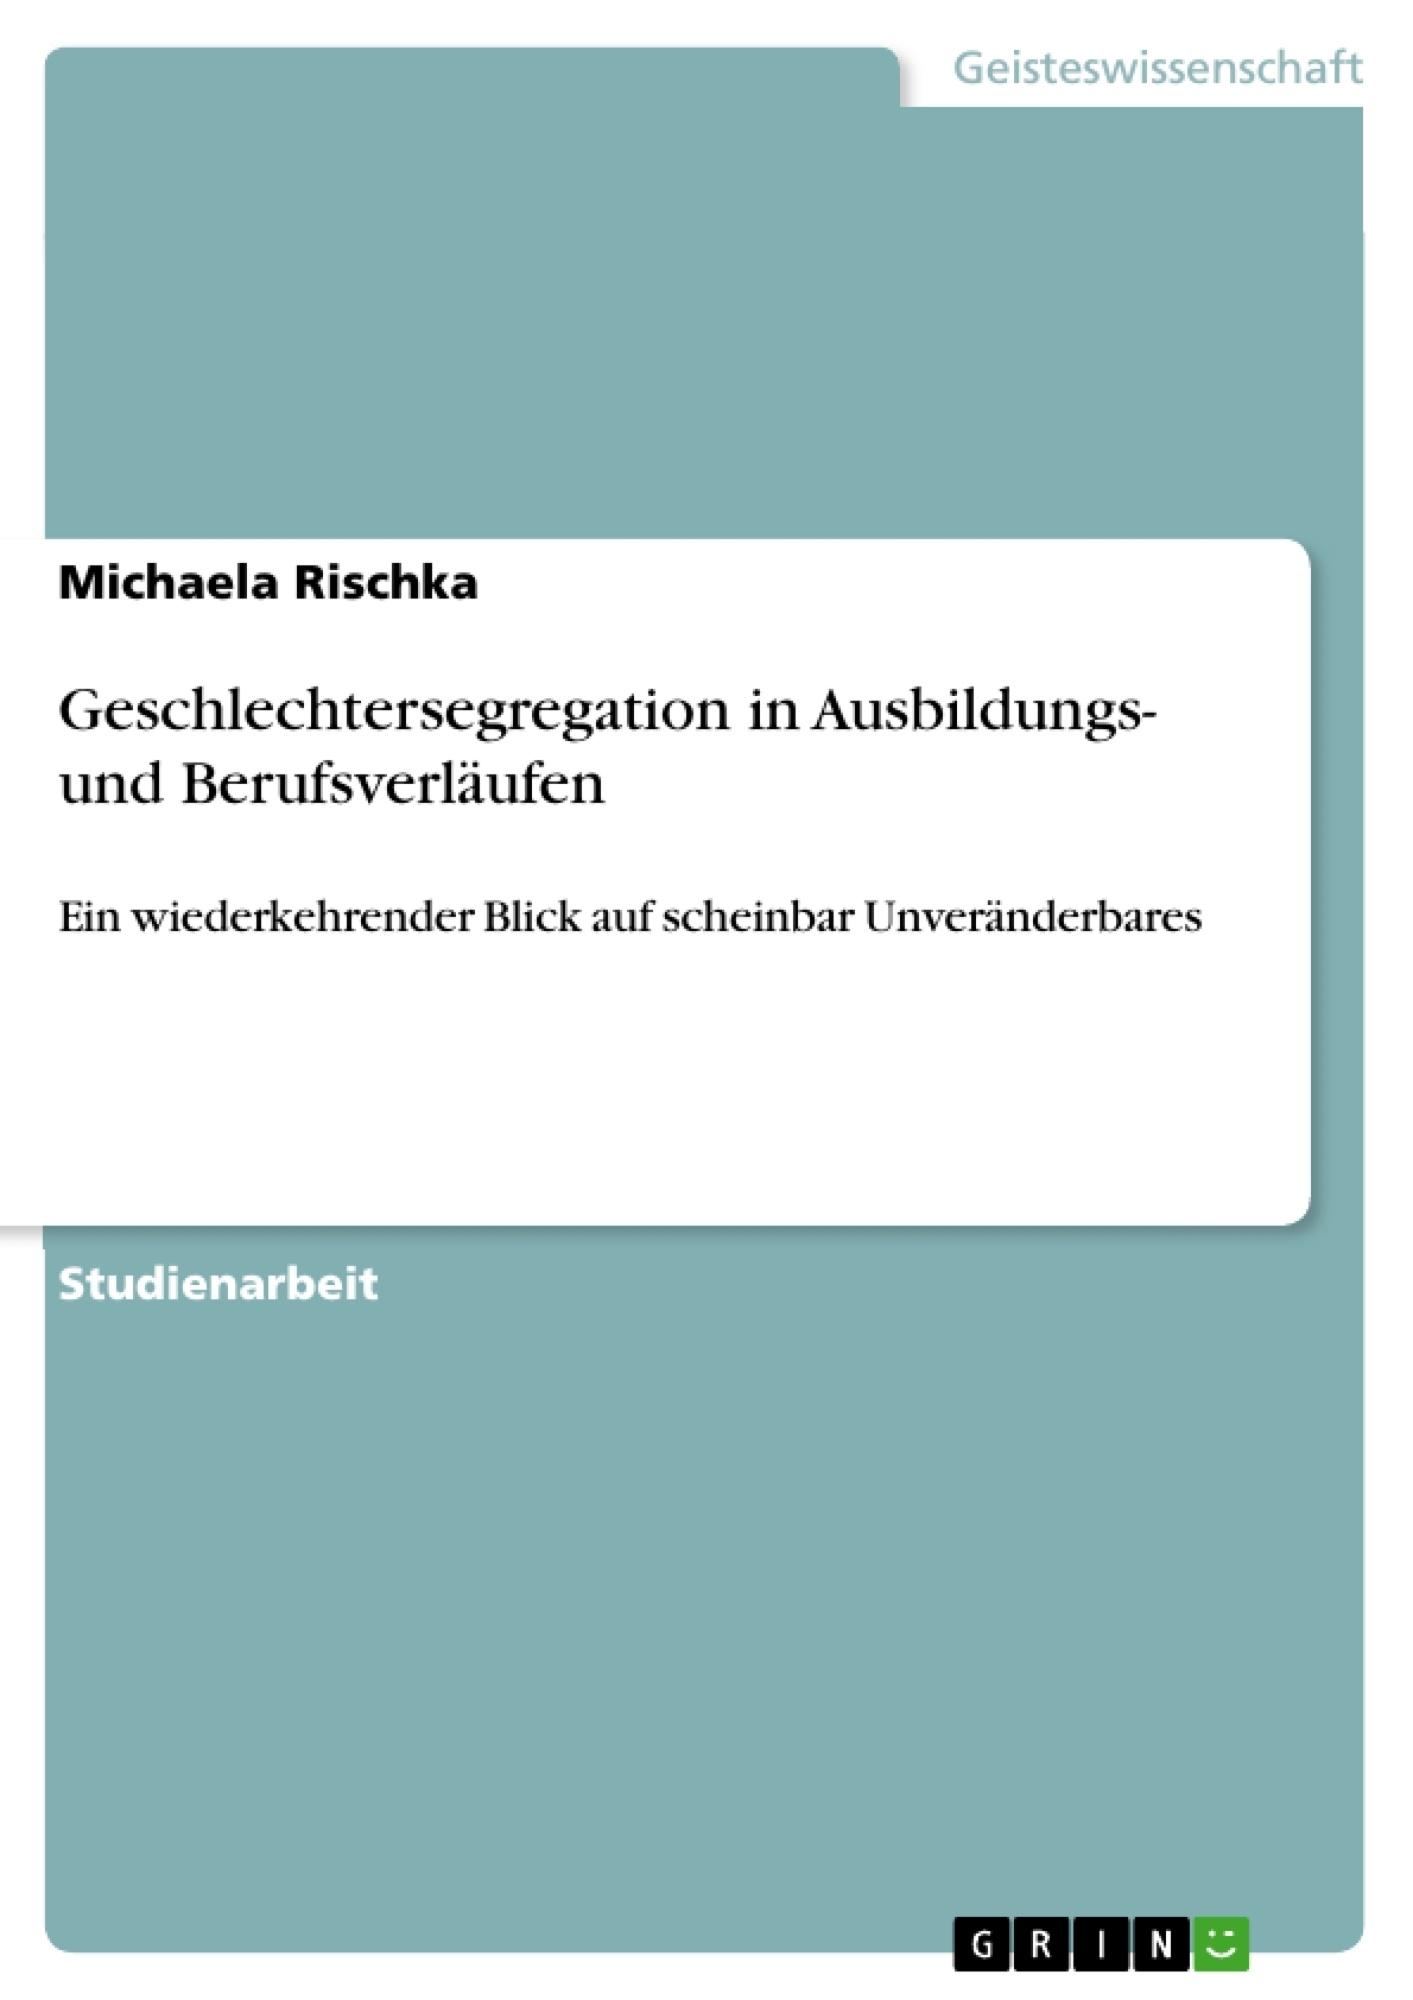 Titel: Geschlechtersegregation in Ausbildungs- und Berufsverläufen